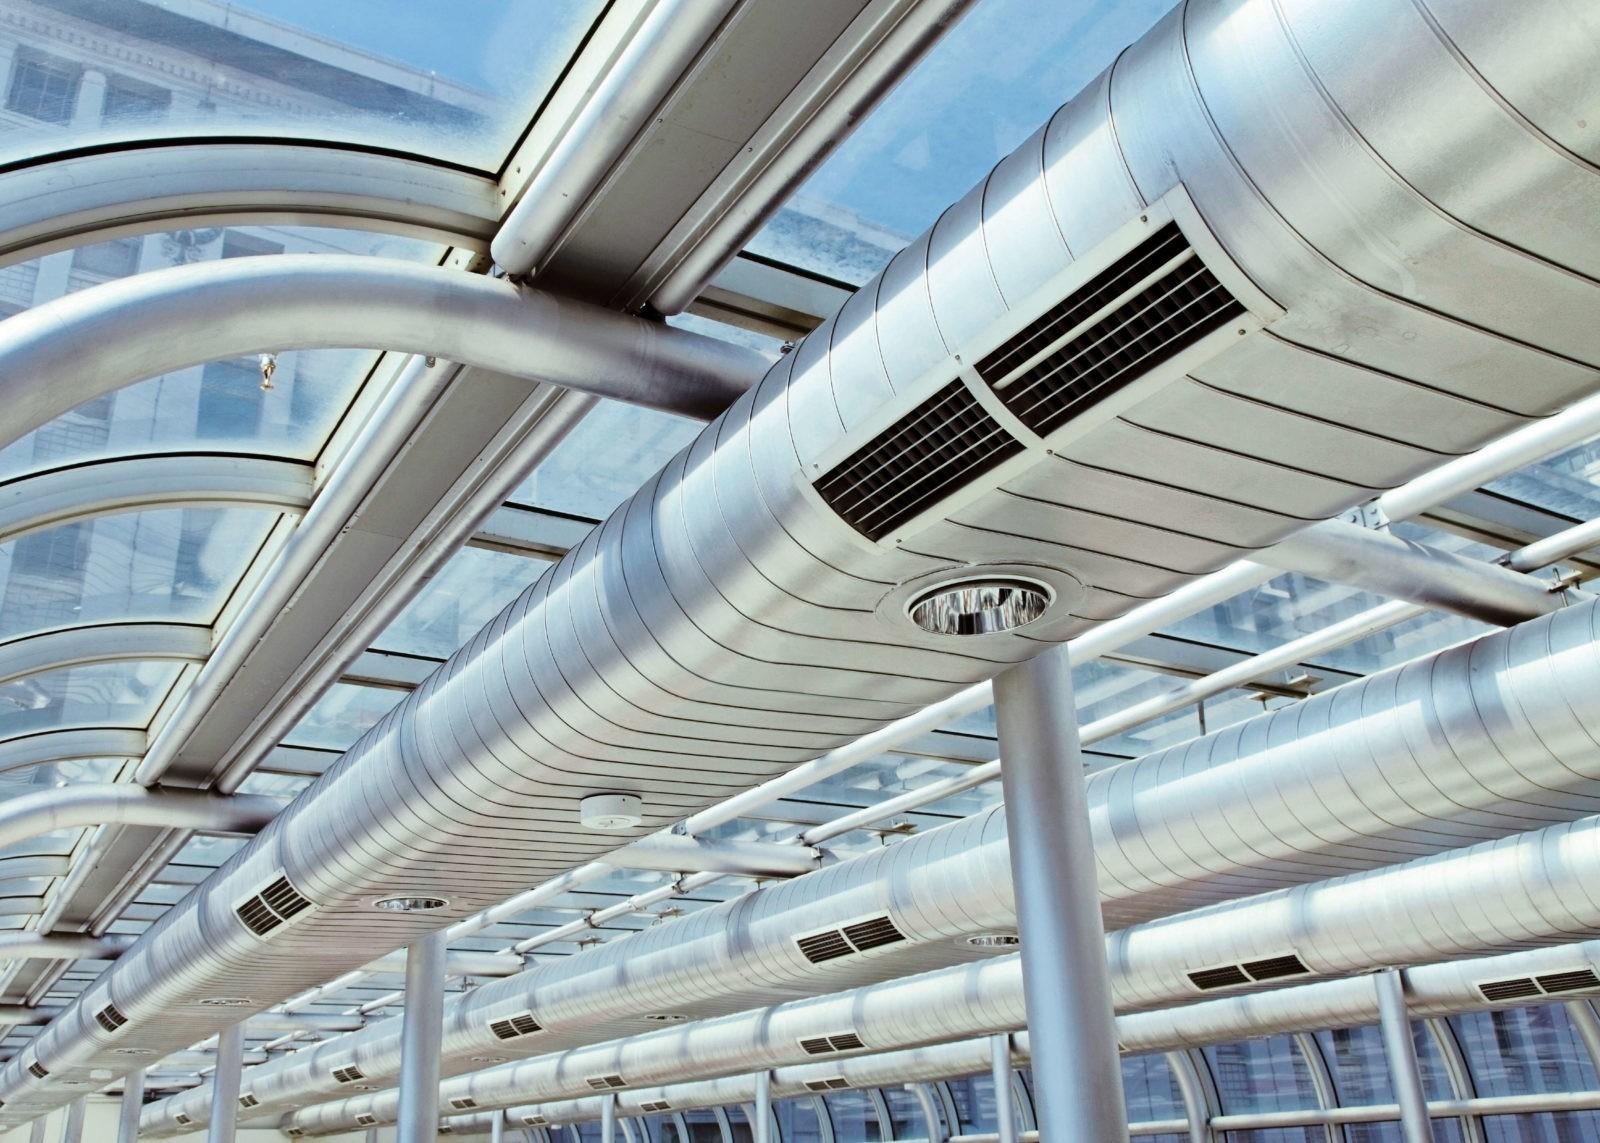 О промышленной вентиляции и кондиционировании